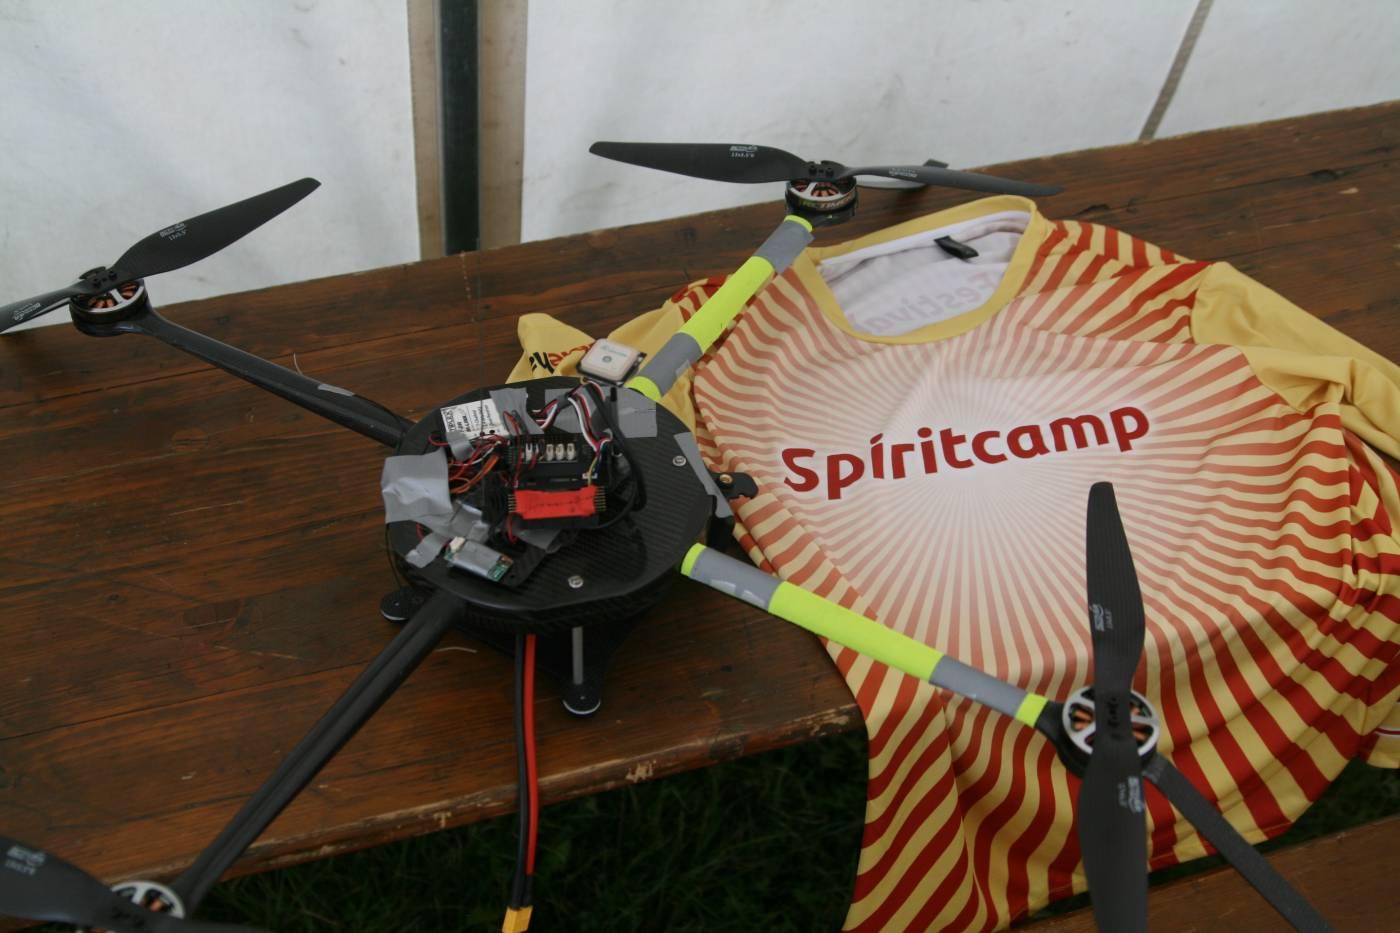 SC15-Spiritcamper049